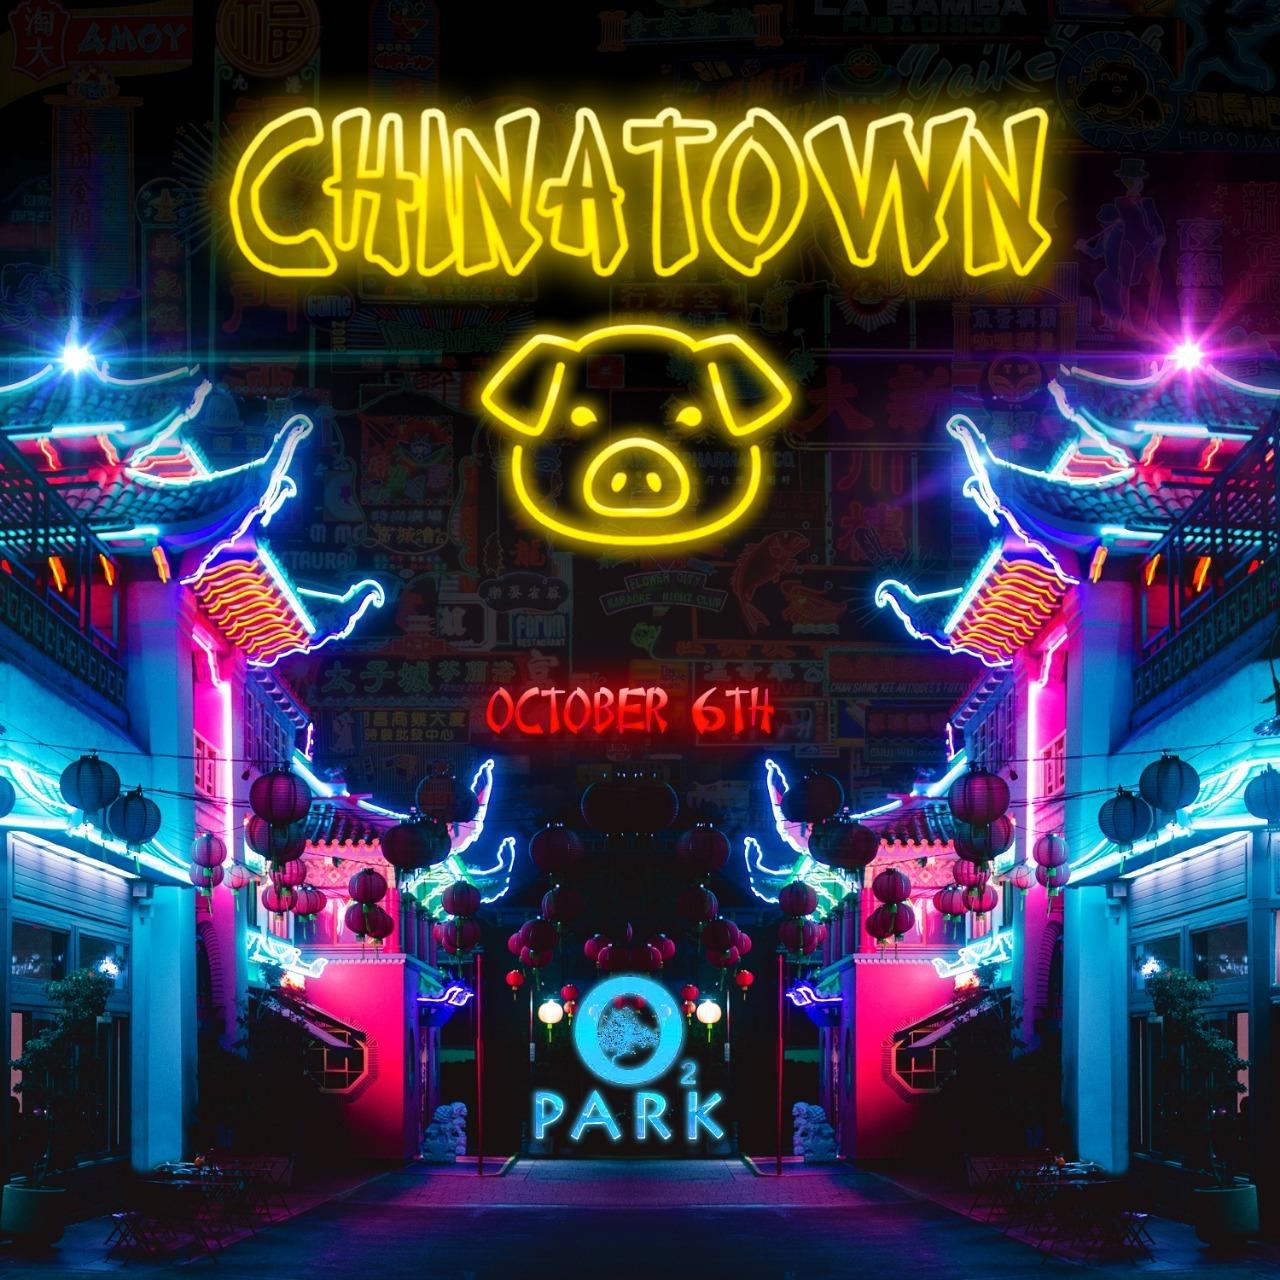 CHINATOWN 2019